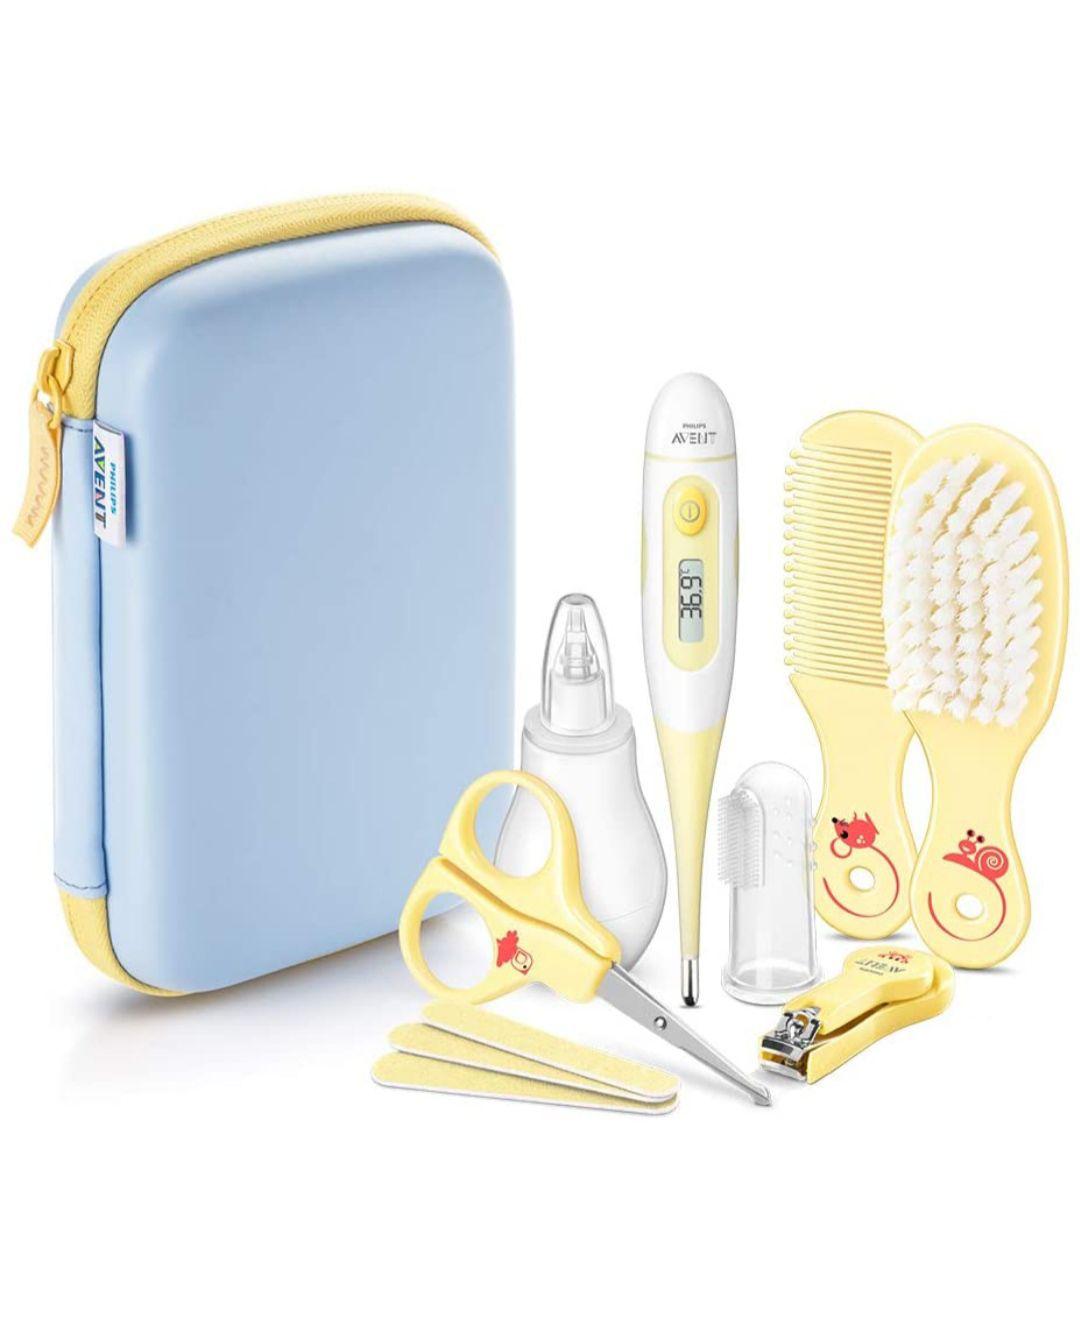 Trousse de premiers soins pour bébé Philips Avent SCH400/00 - 8 Accessoires